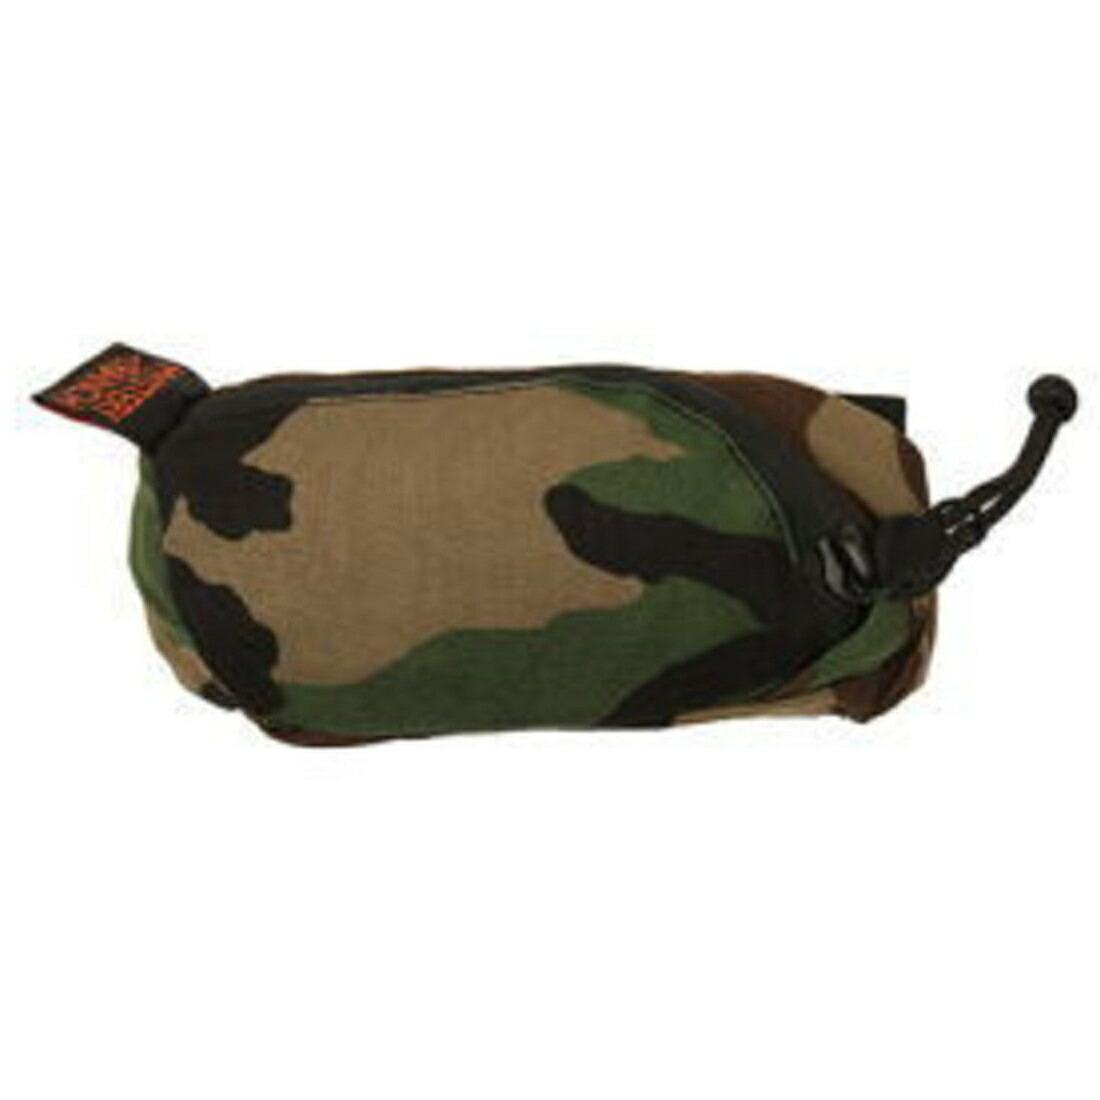 ミステリーランチ スリングポケット ポーチ小物入れ バッグ  国内正規品